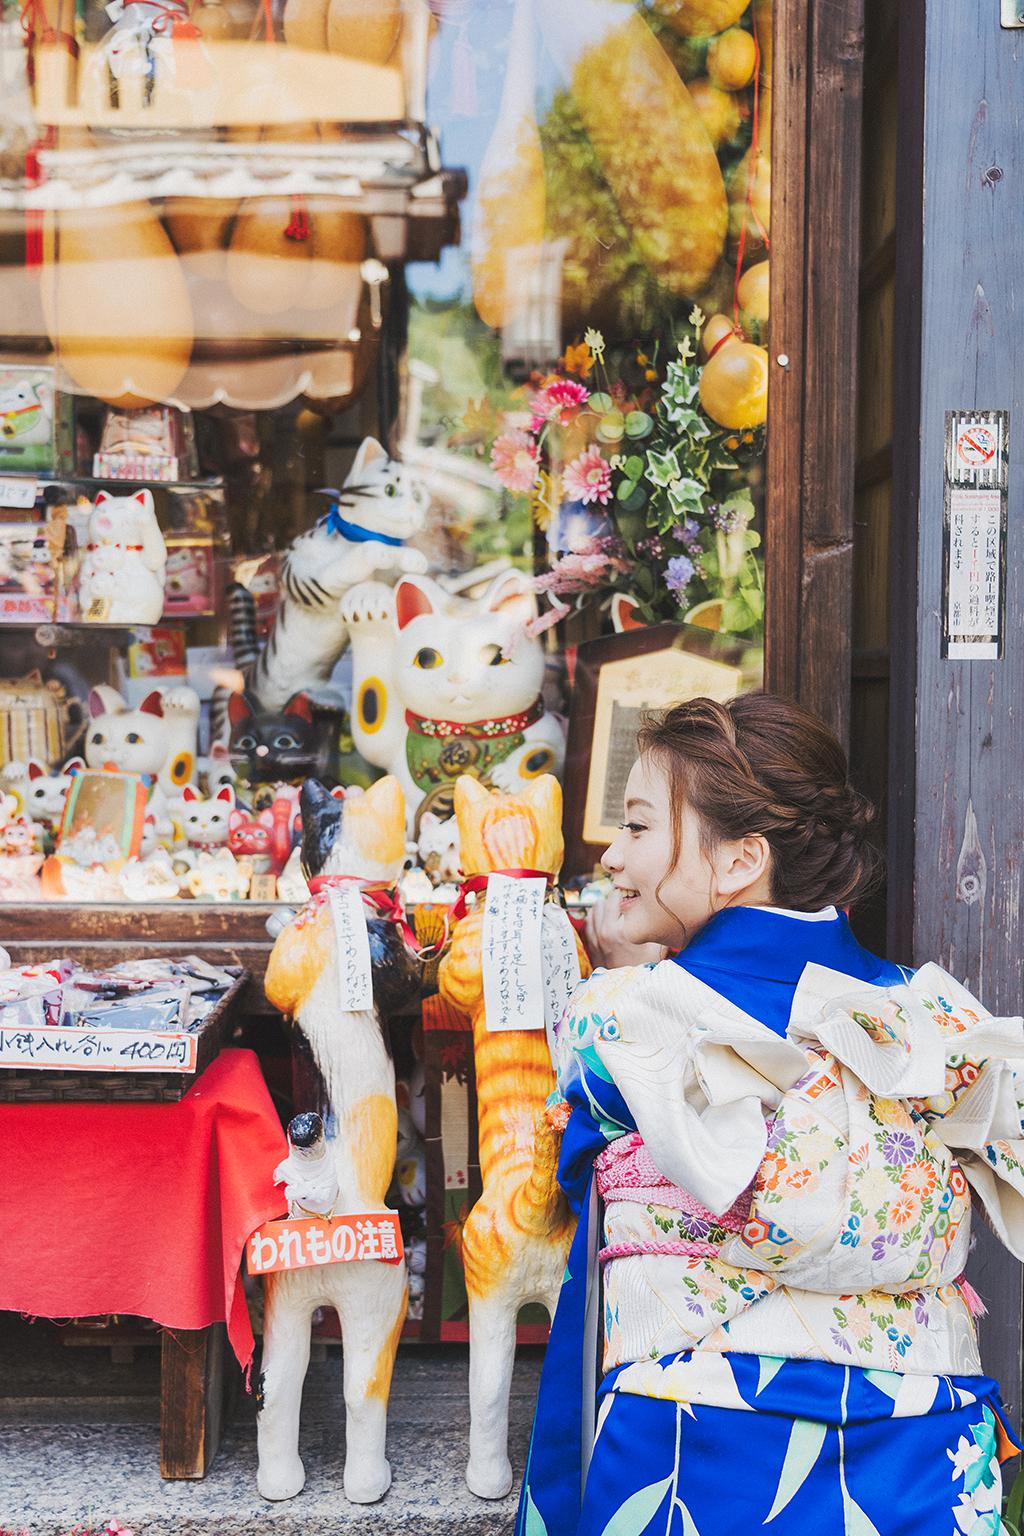 這是一間賣著各式各樣招財貓咪的店,身為貓奴的Monica馬上就定位等著攝影師按快門。